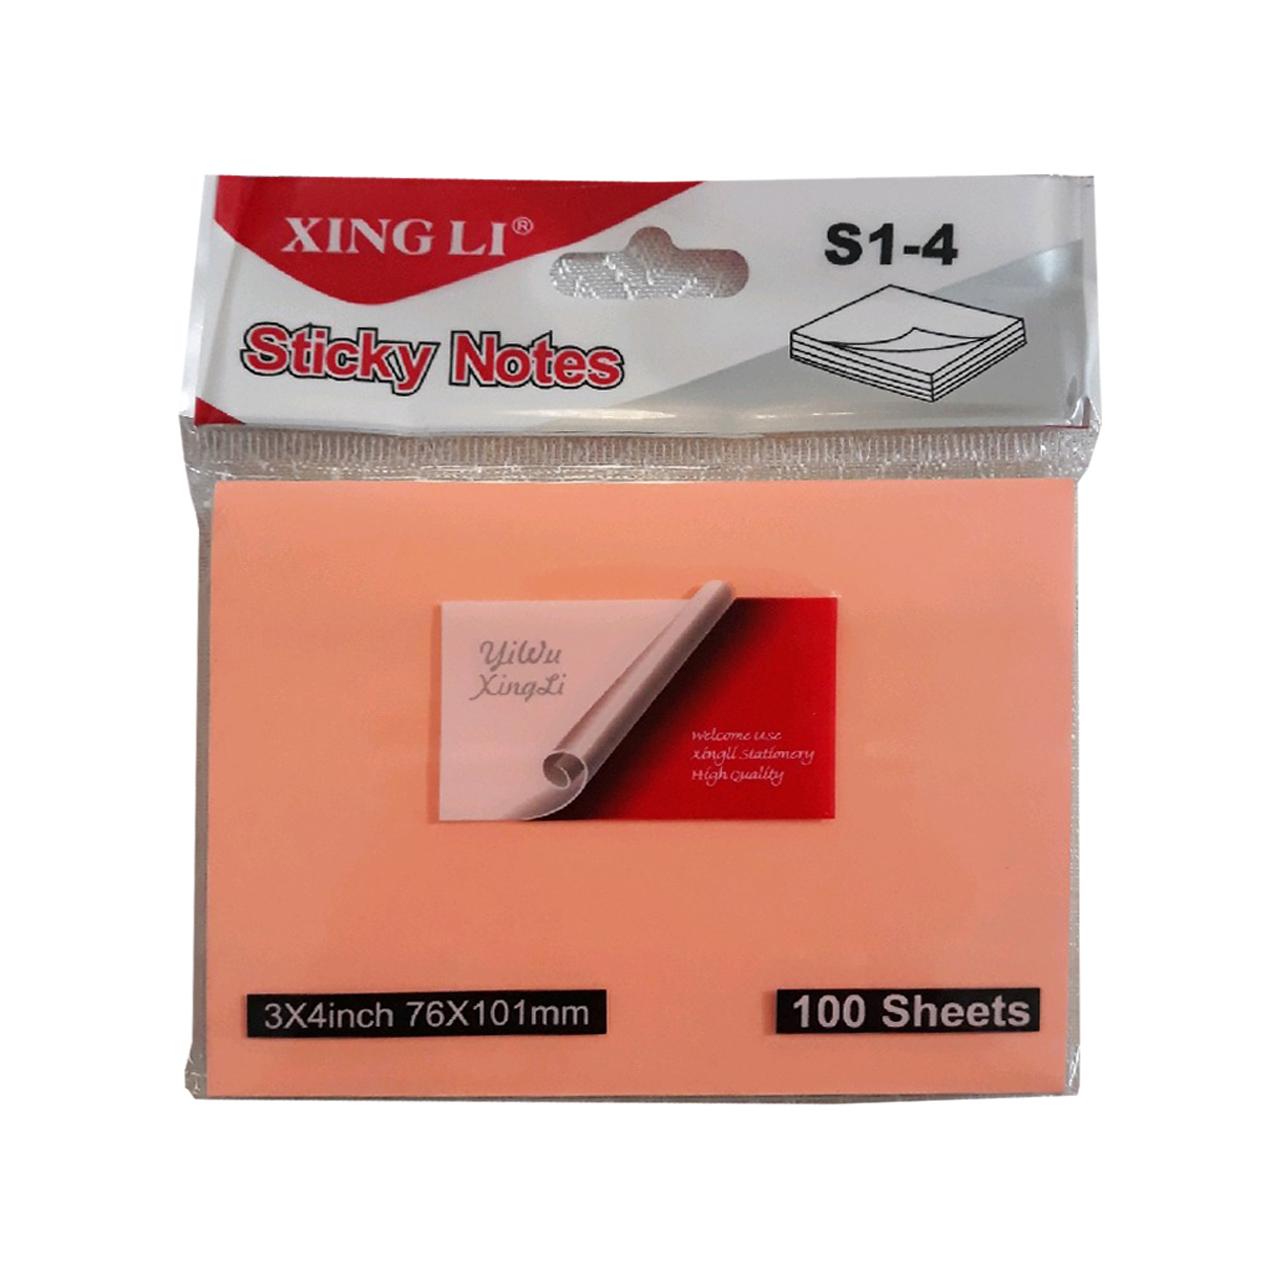 کاغذ یادداشت چسب دار شنگ لی کد S1-4 بسته 100 عددی